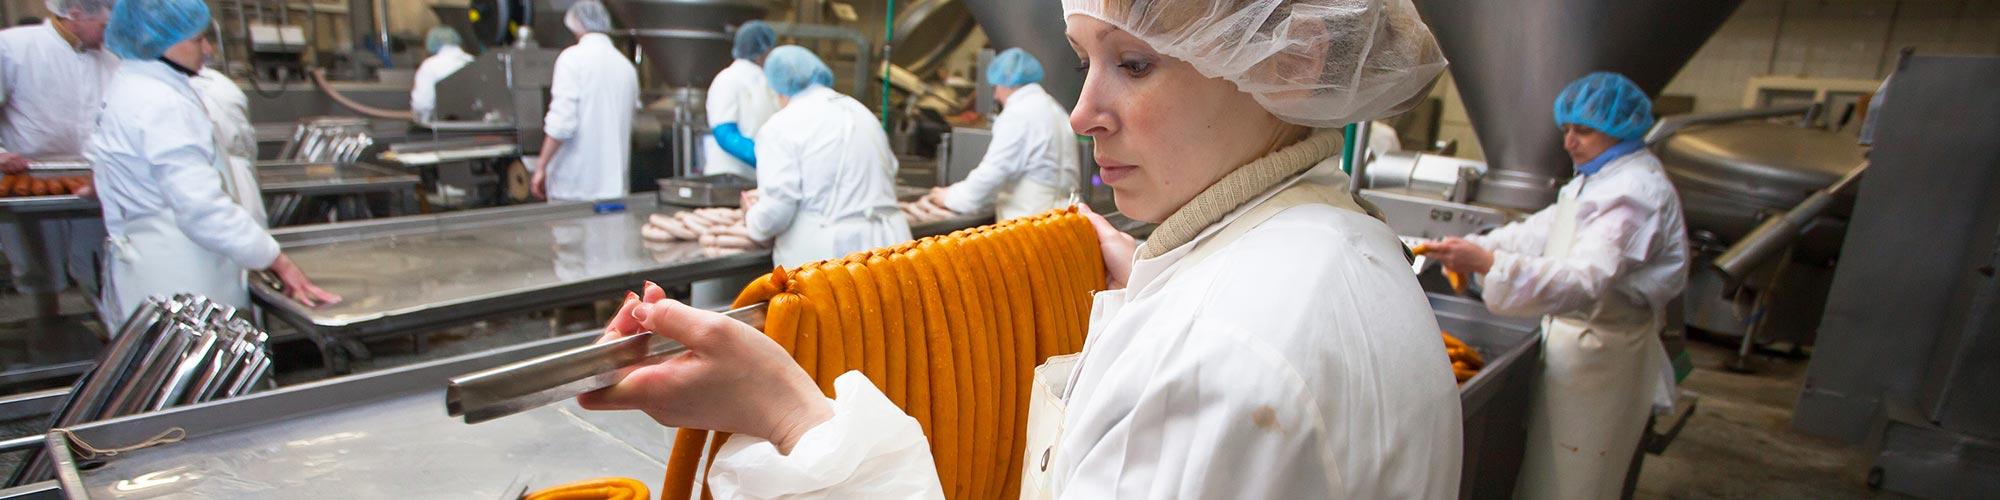 Fødevareindustrien